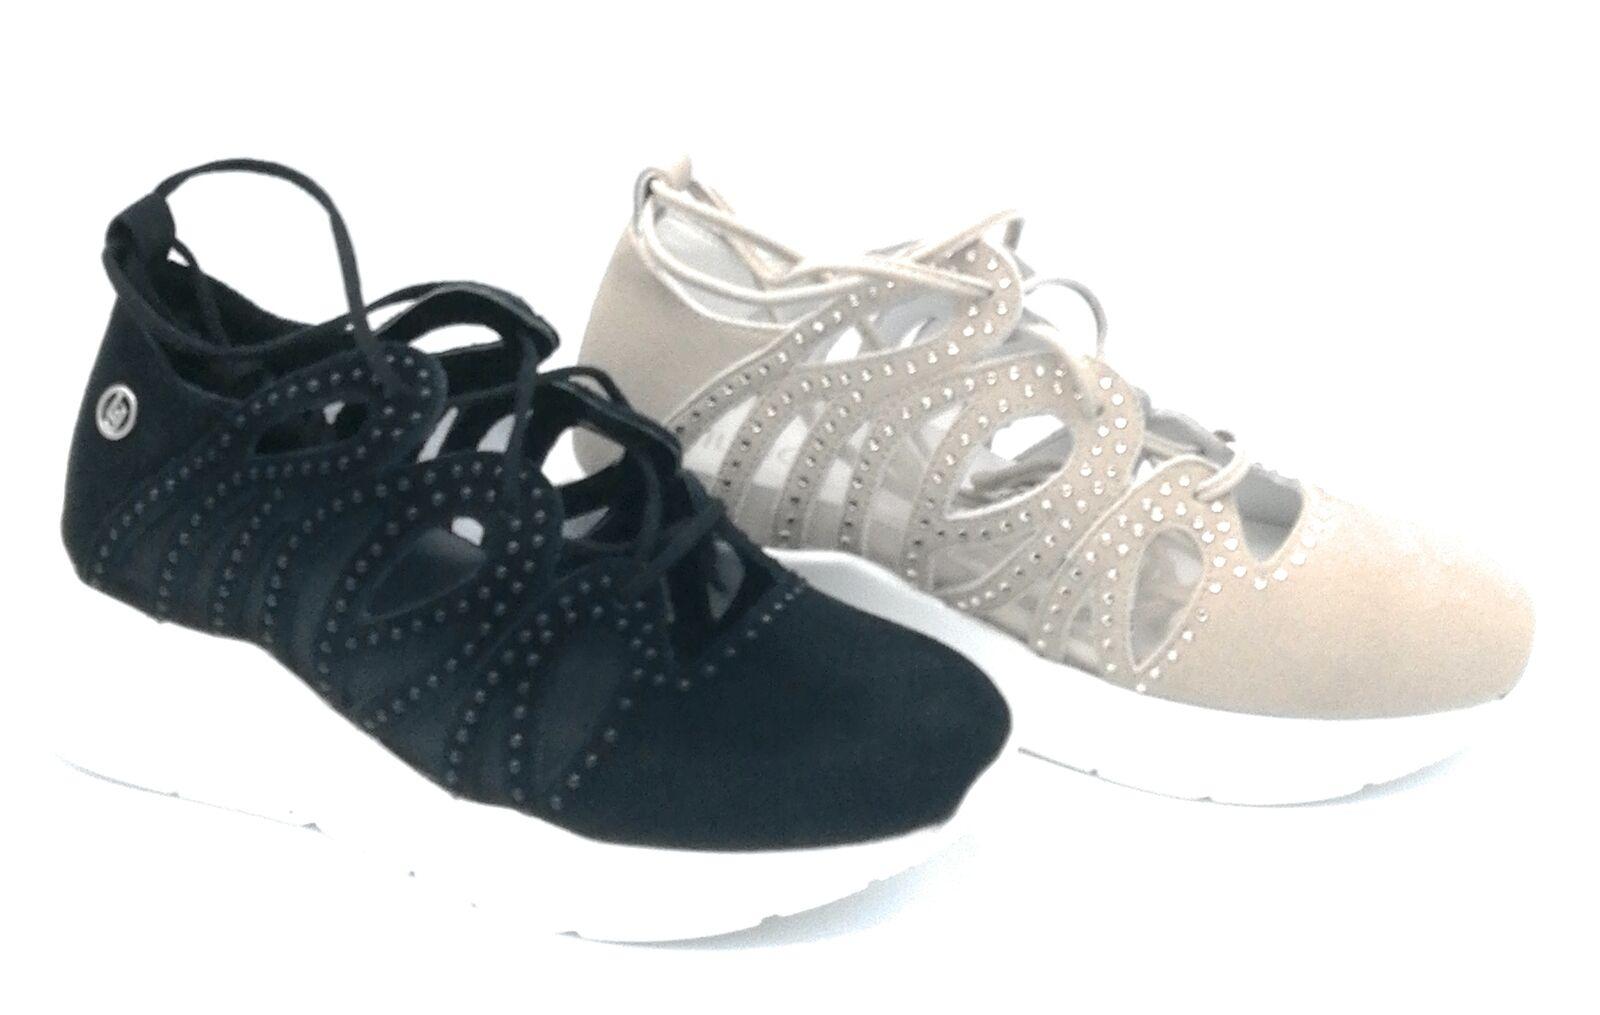 Liu jo B19005 sneaker shoelace suede black   beige inserts network nylon